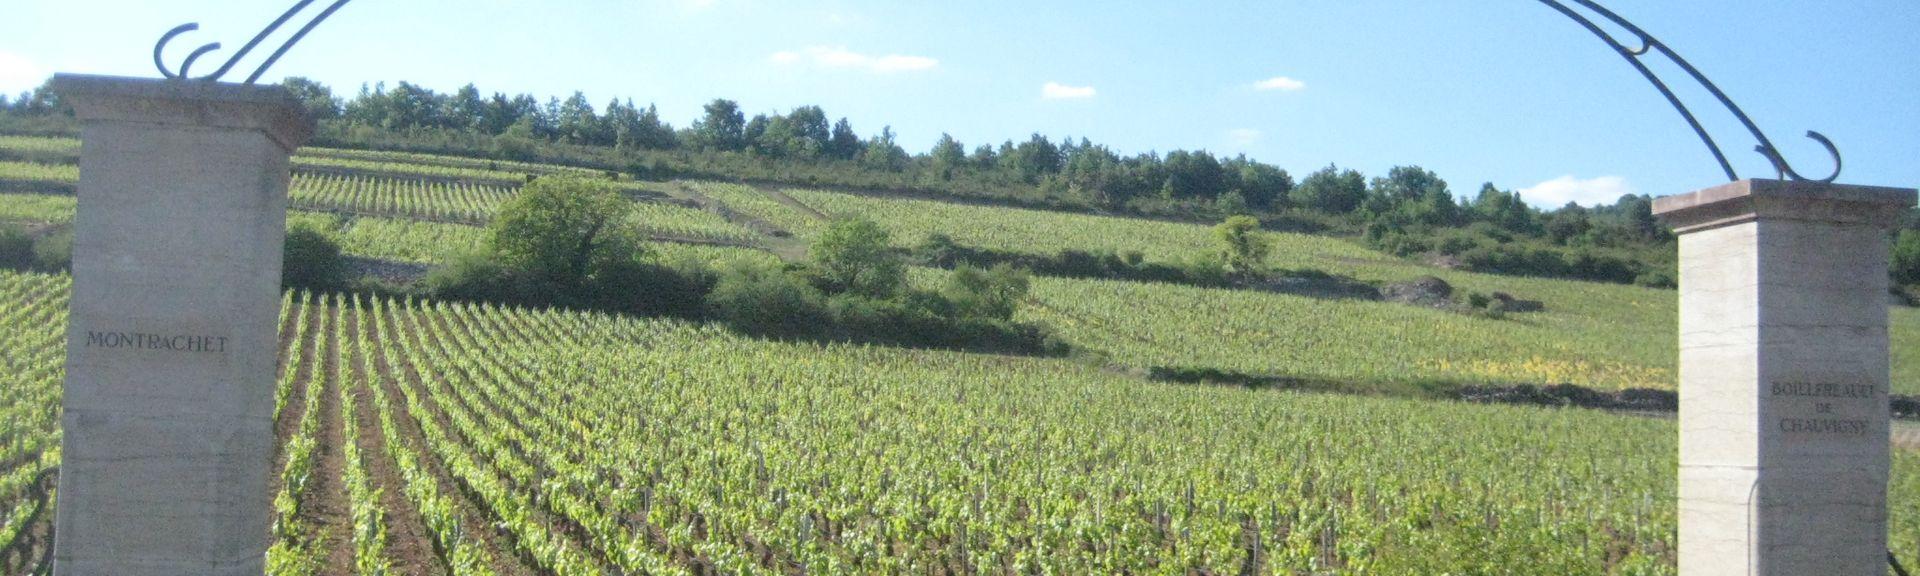 Beaune, Bourgogne-Franche-Comté, Frankrig